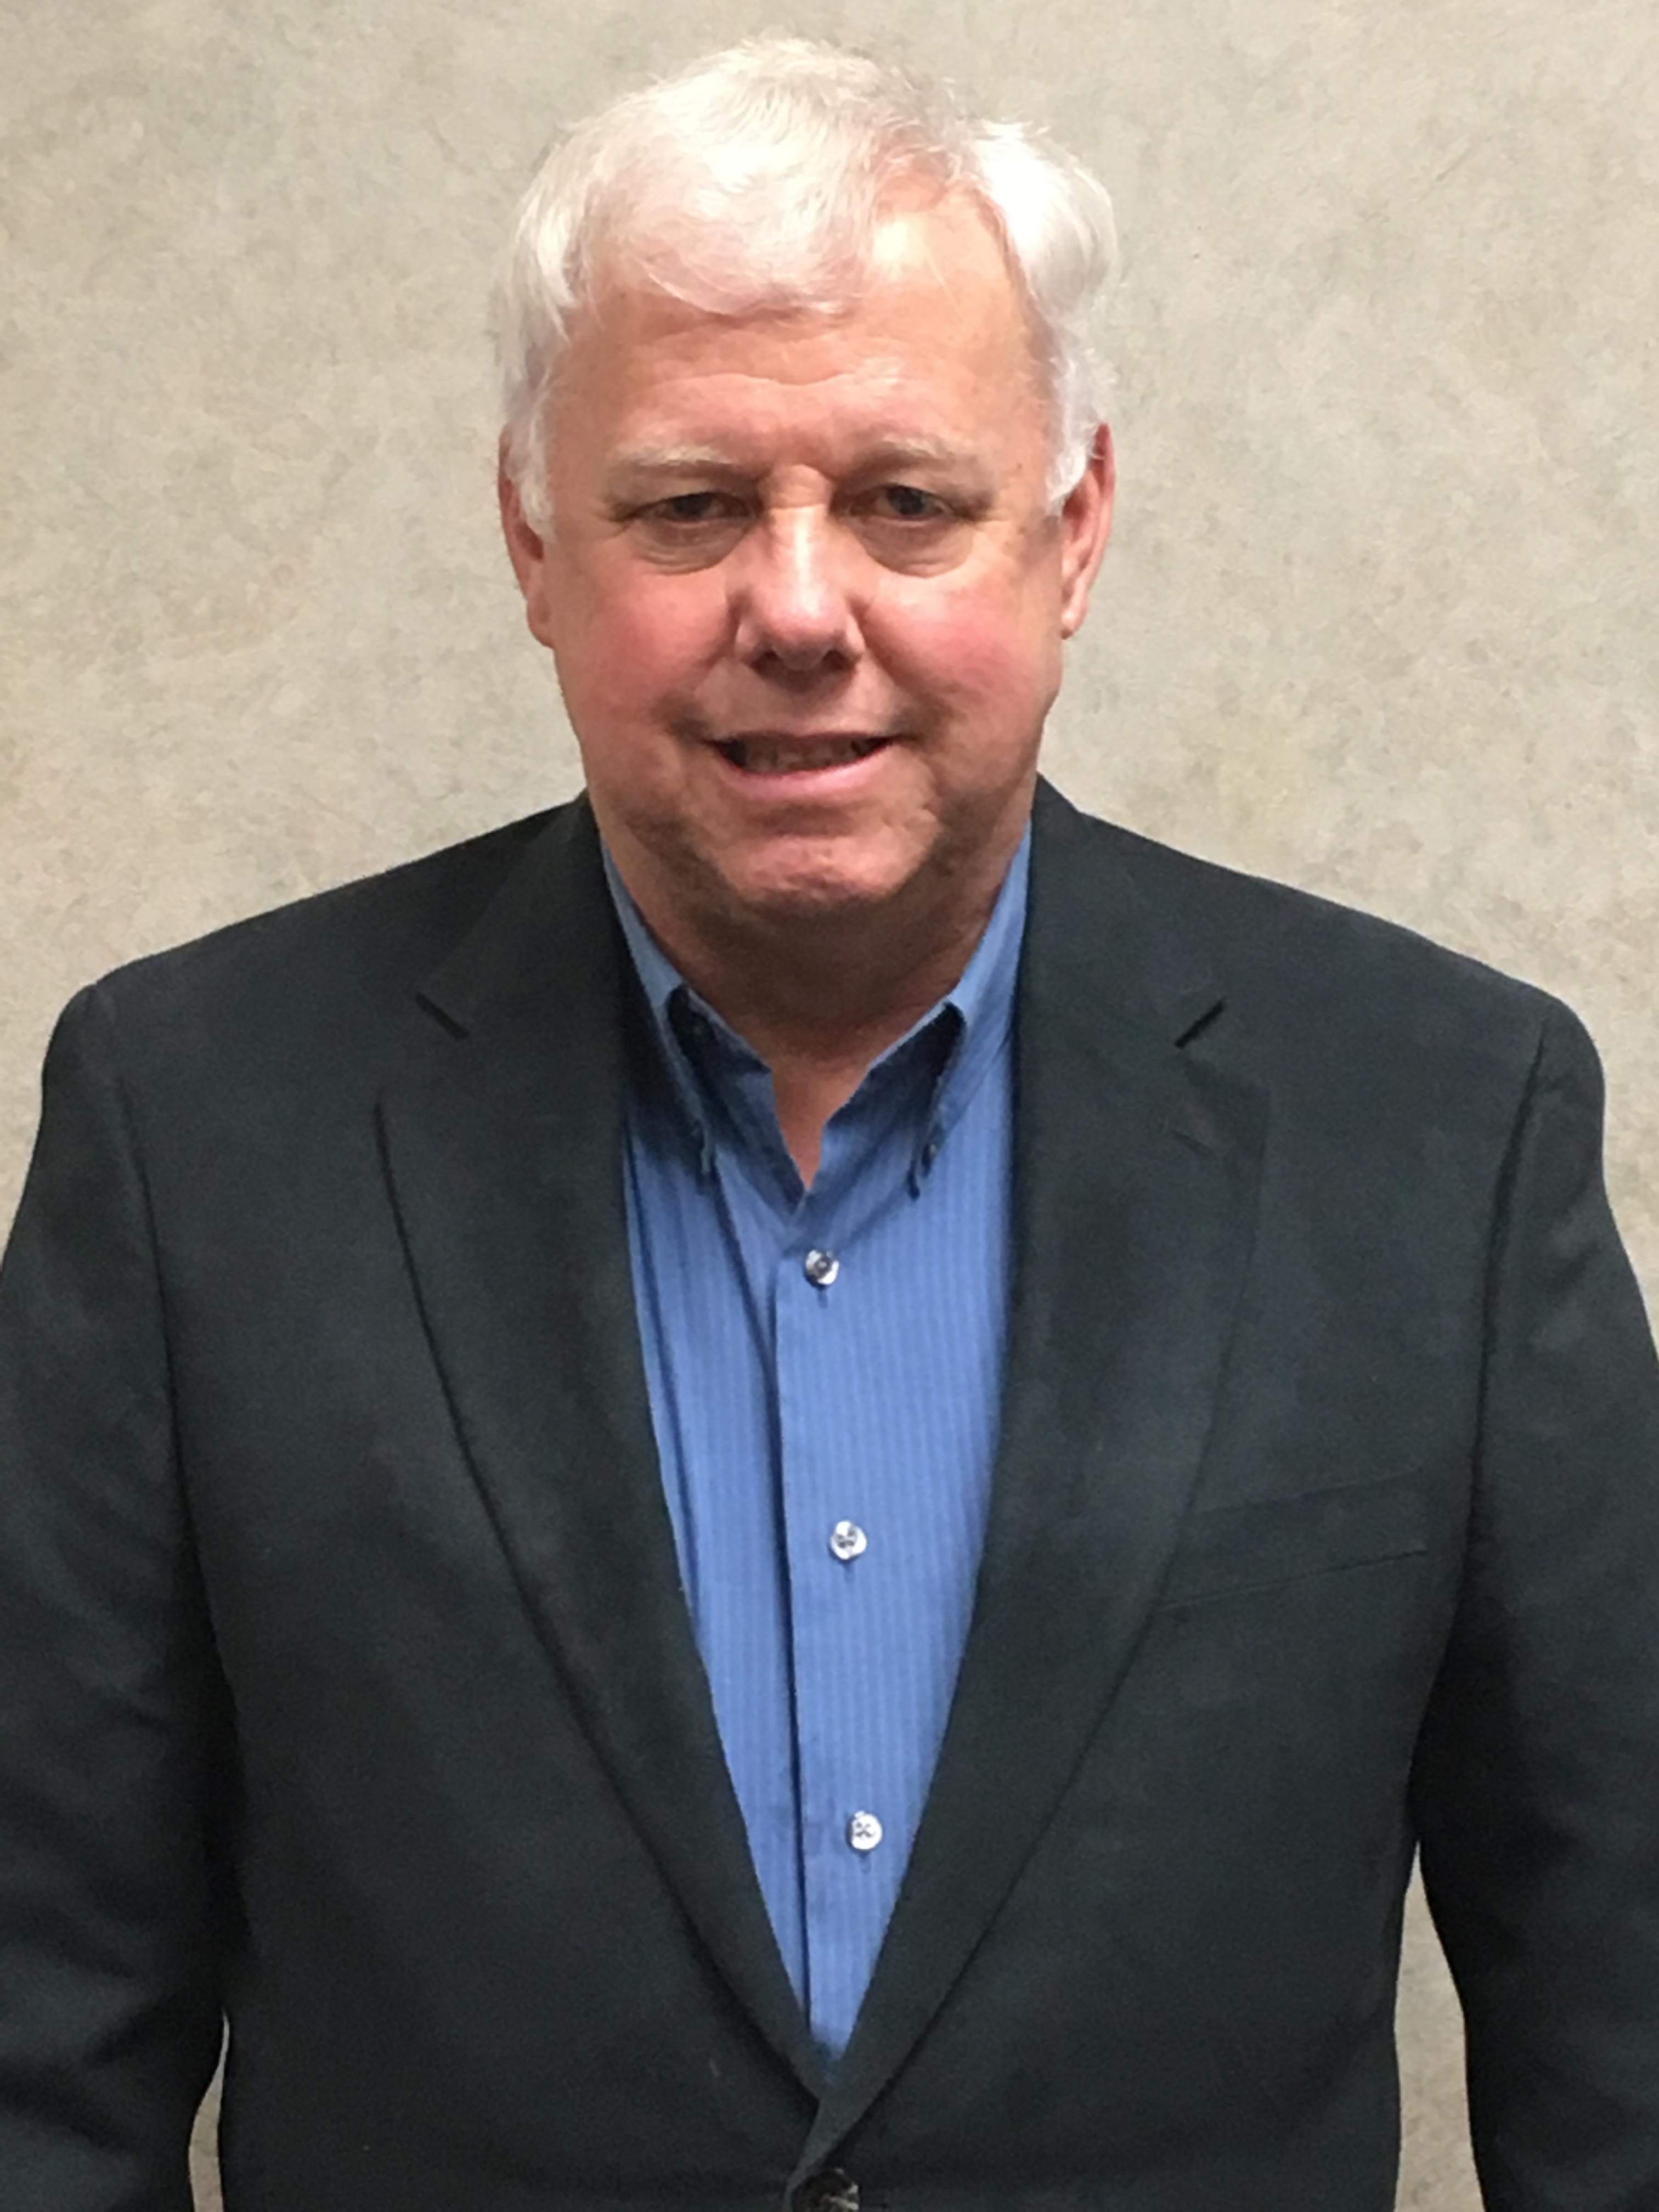 Harold Massengill